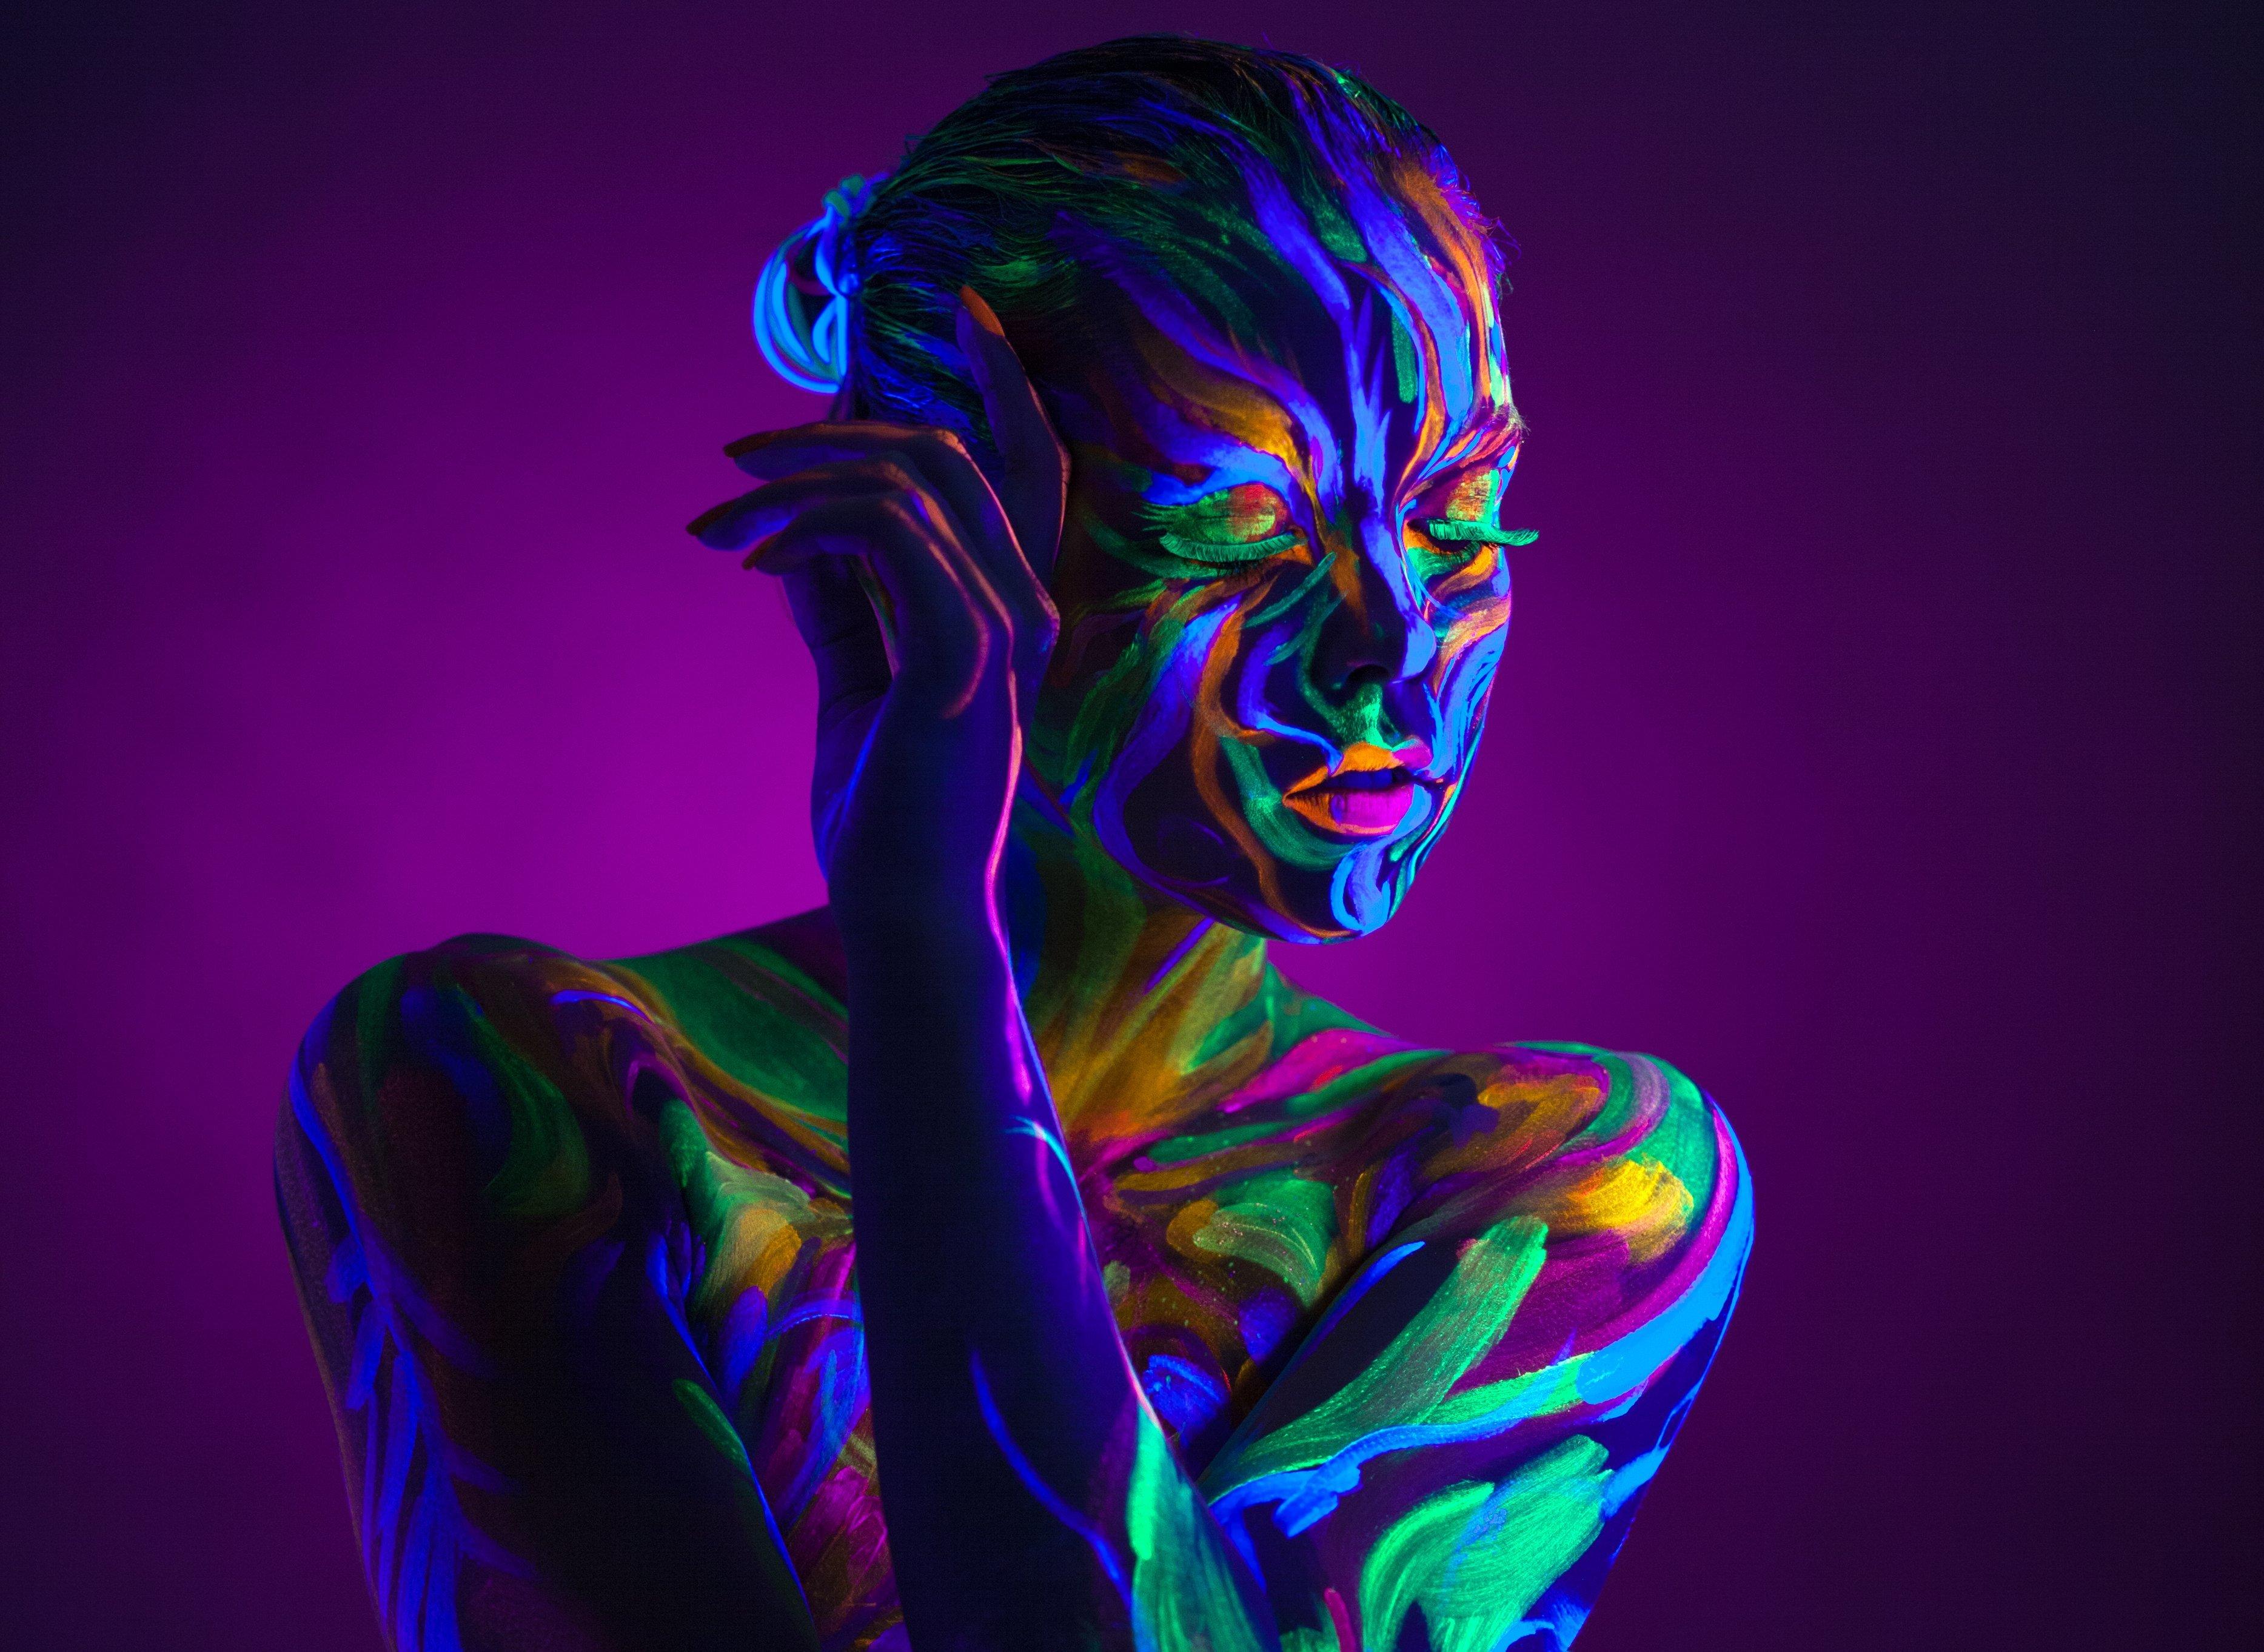 неон маска neon mask  № 2321315 загрузить